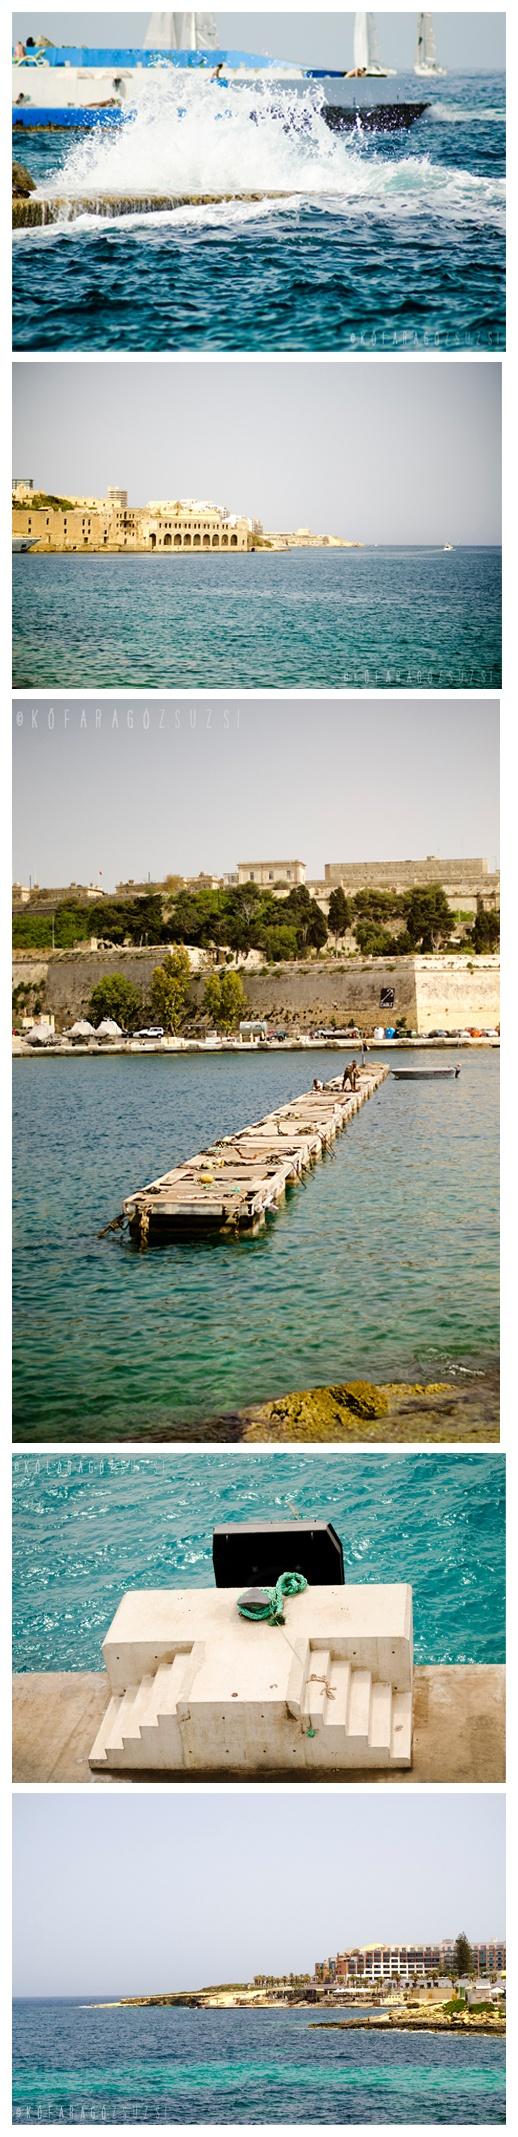 Malta by kofaragozsuzsiphotos